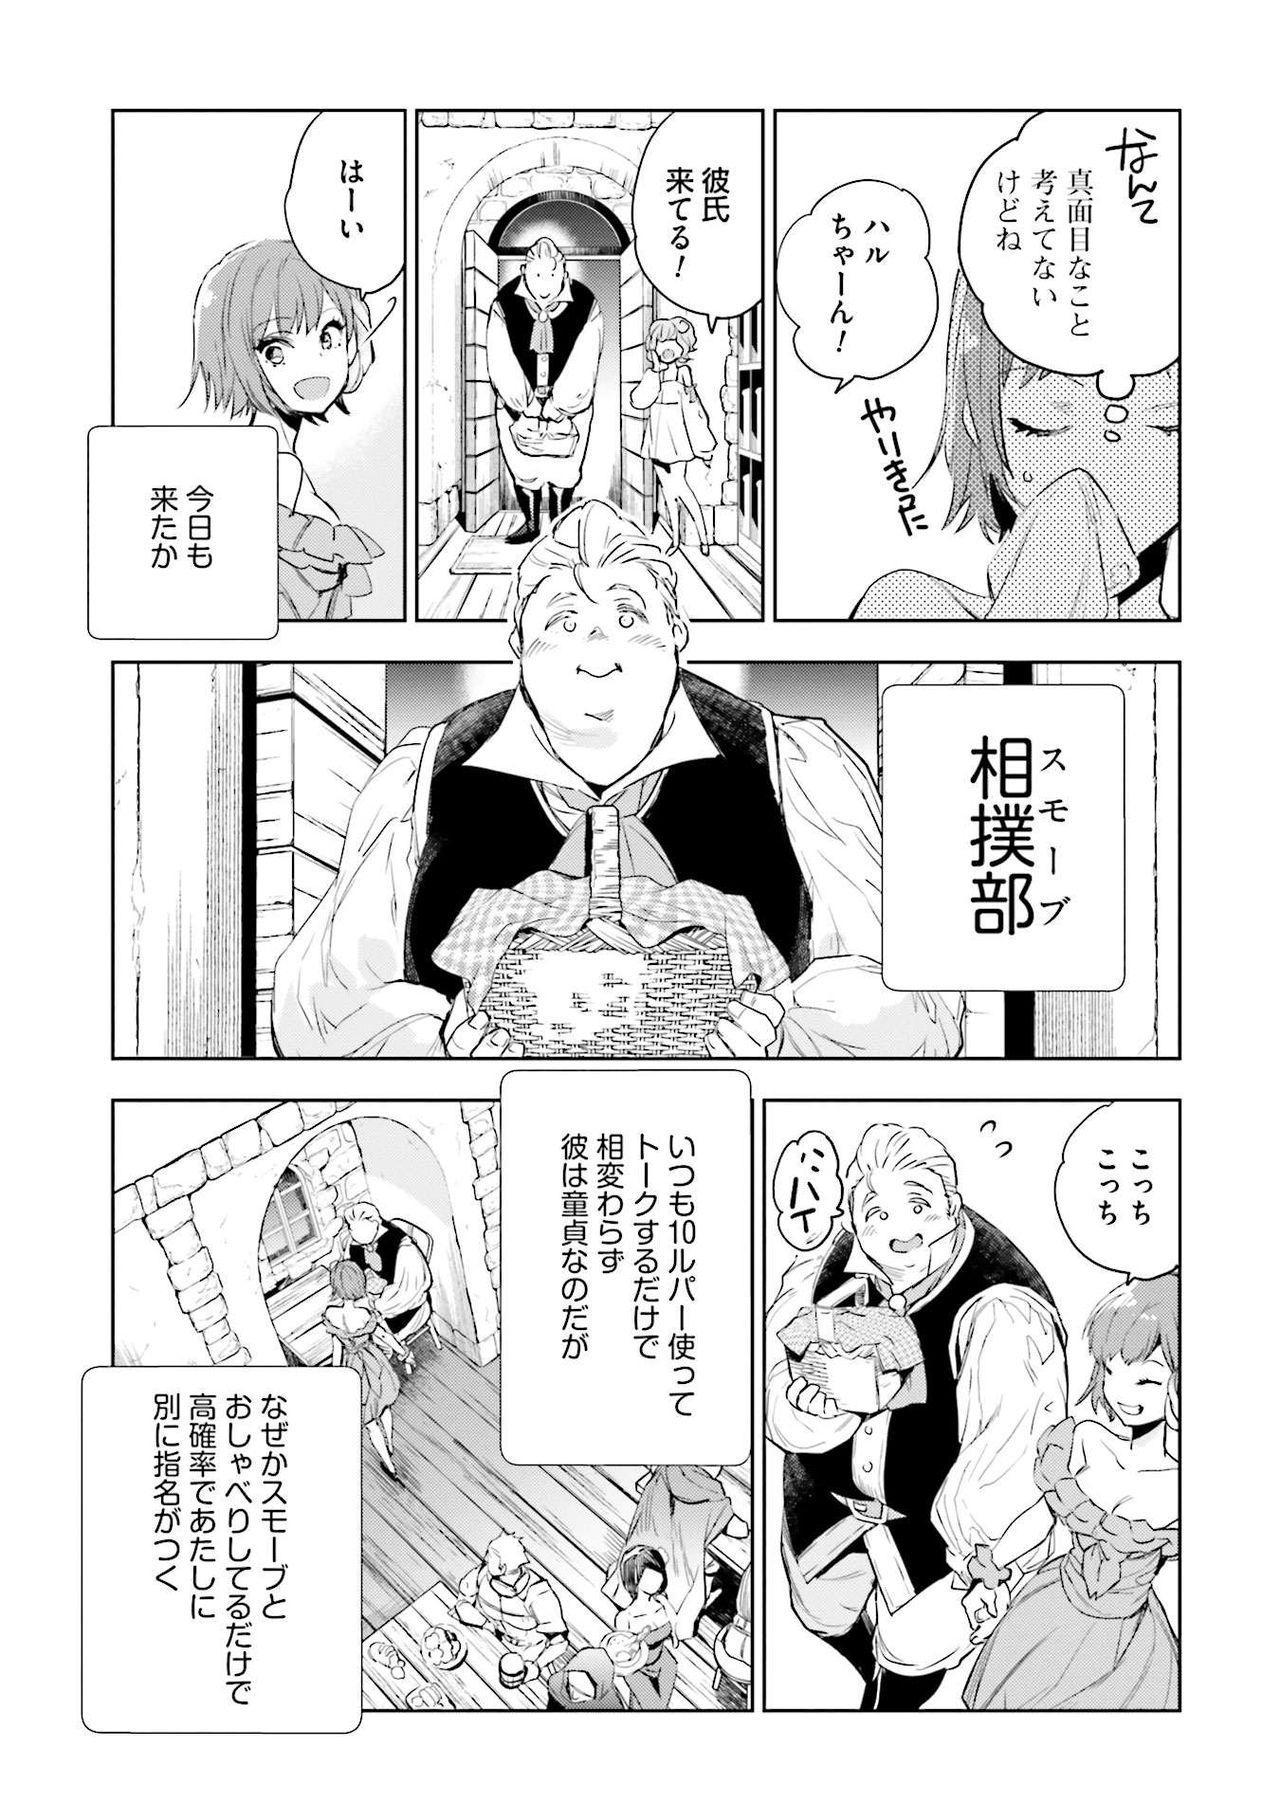 JK Haru wa Isekai de Shoufu ni Natta 1-14 100